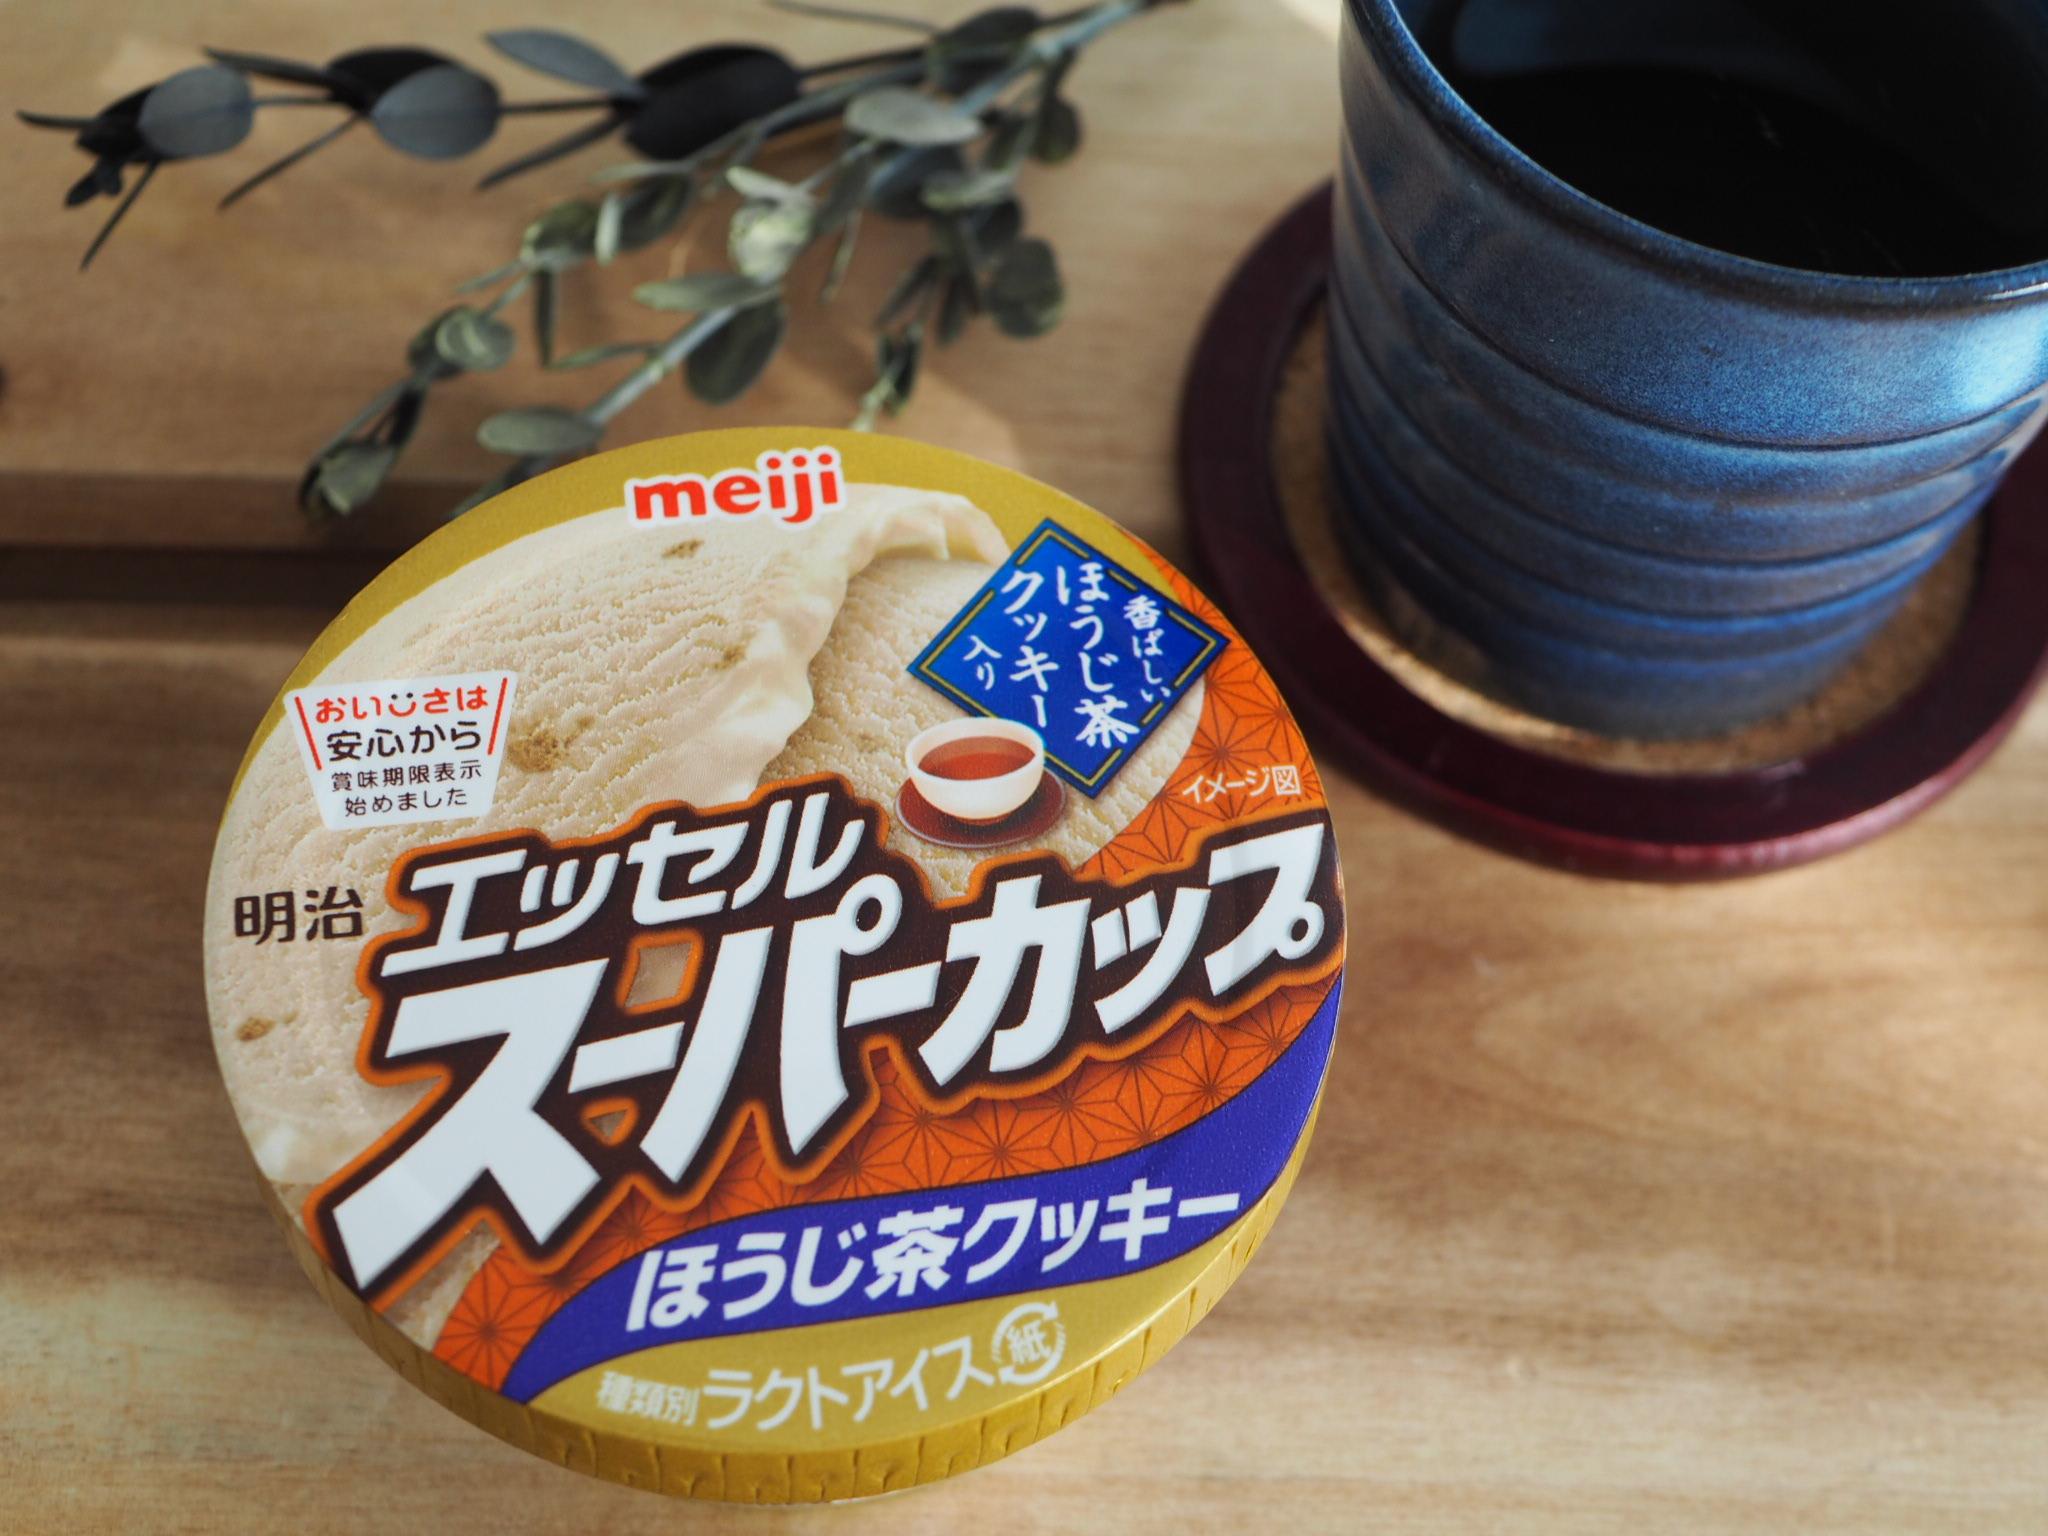 【大人のためのスーパーカップ】初の《ほうじ茶クッキーアイス》フレーバー❃❃❃_5